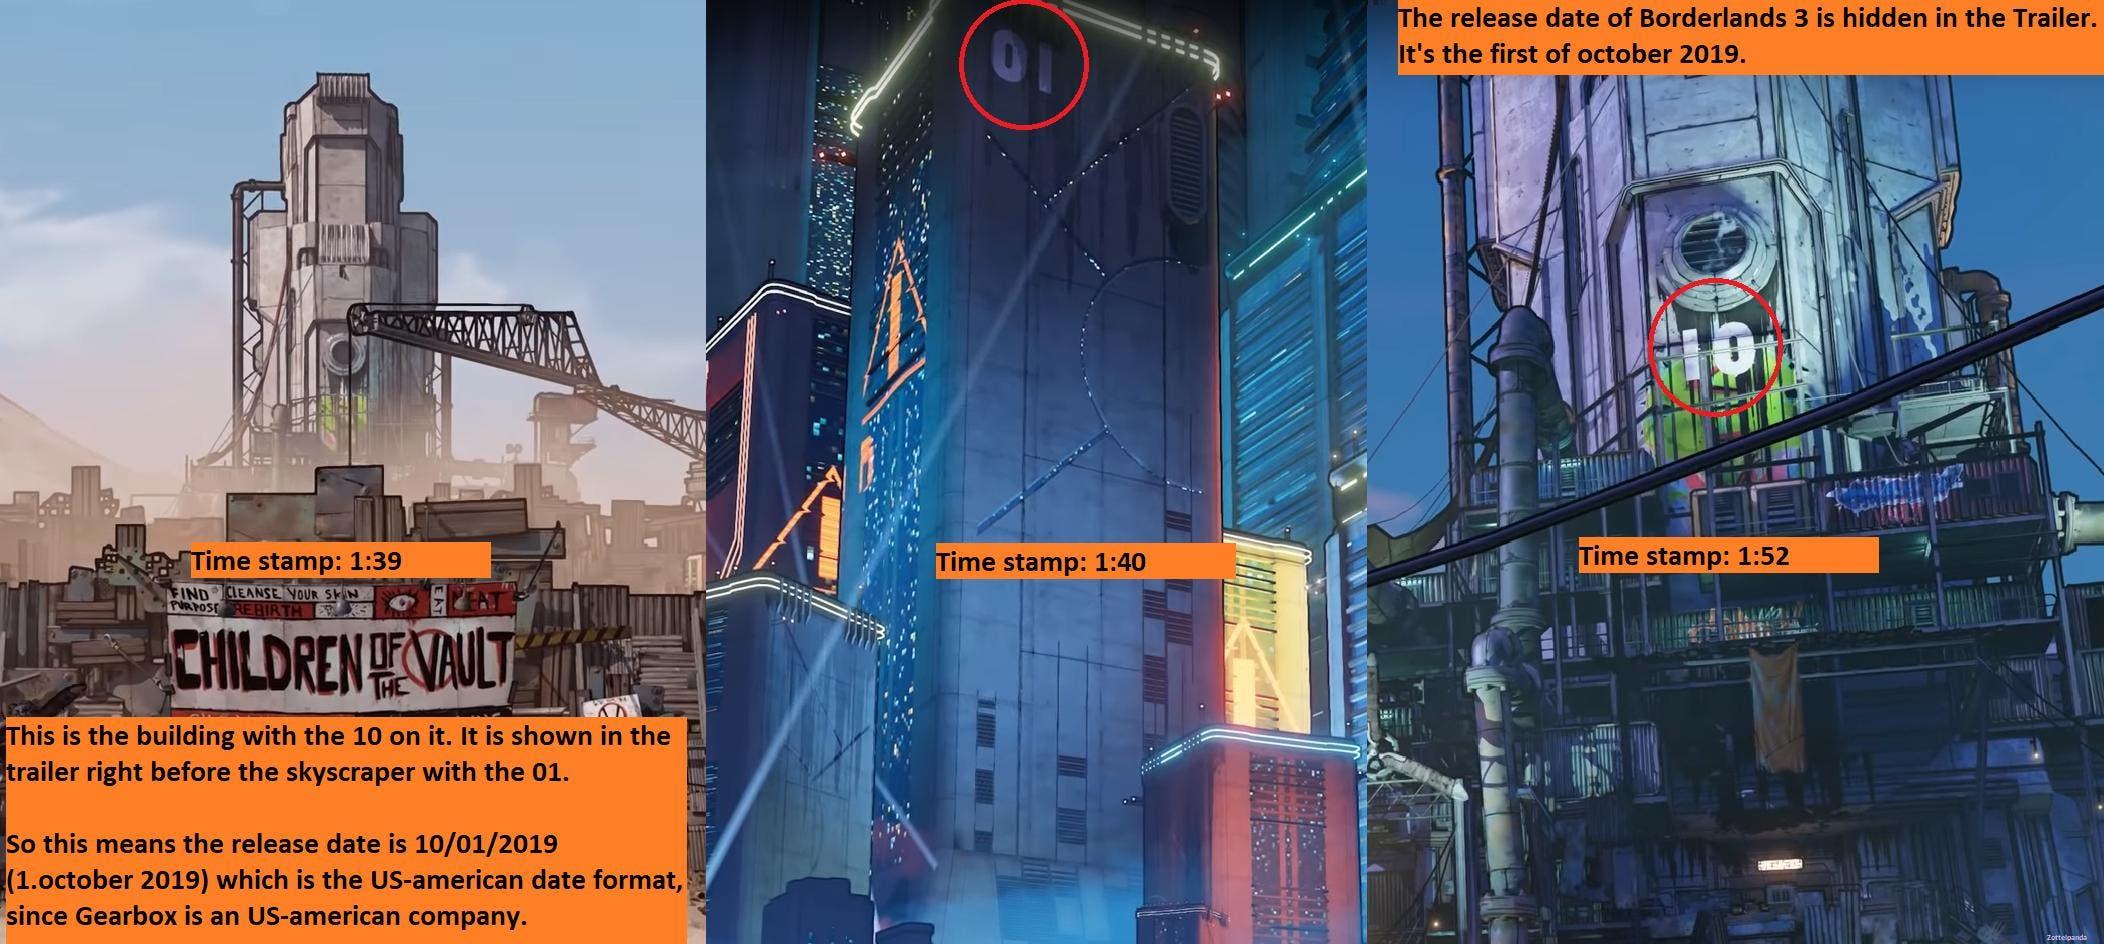 Una teoría intenta desvelar la fecha de lanzamiento de Borderlands 3 2